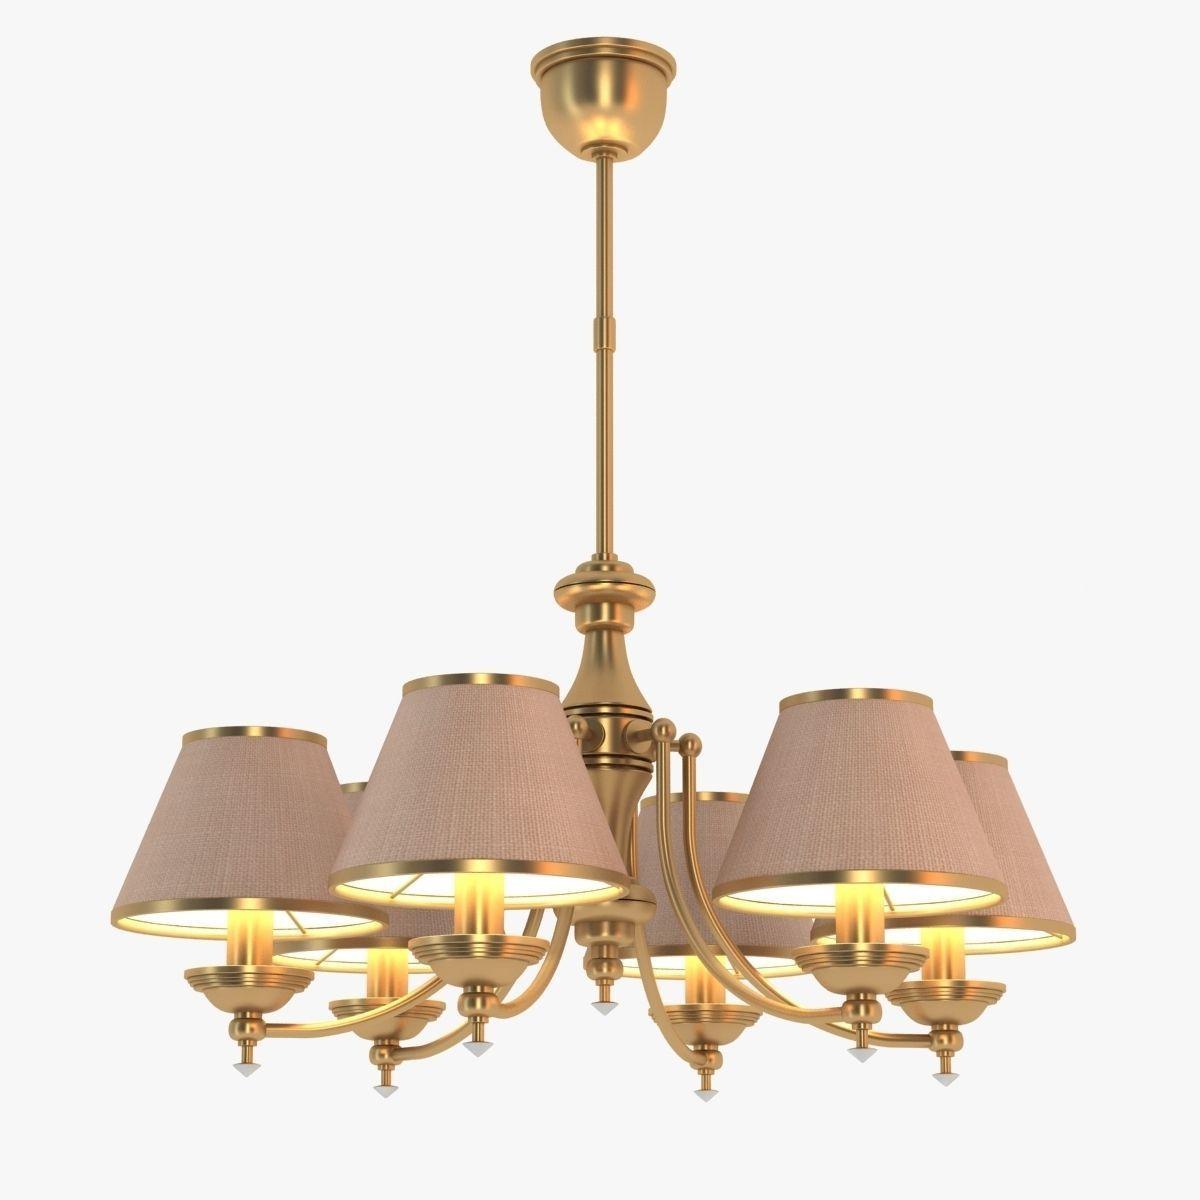 kutek brass chandelier 3d model max obj 3ds fbx mtl 1 - Brass Chandelier